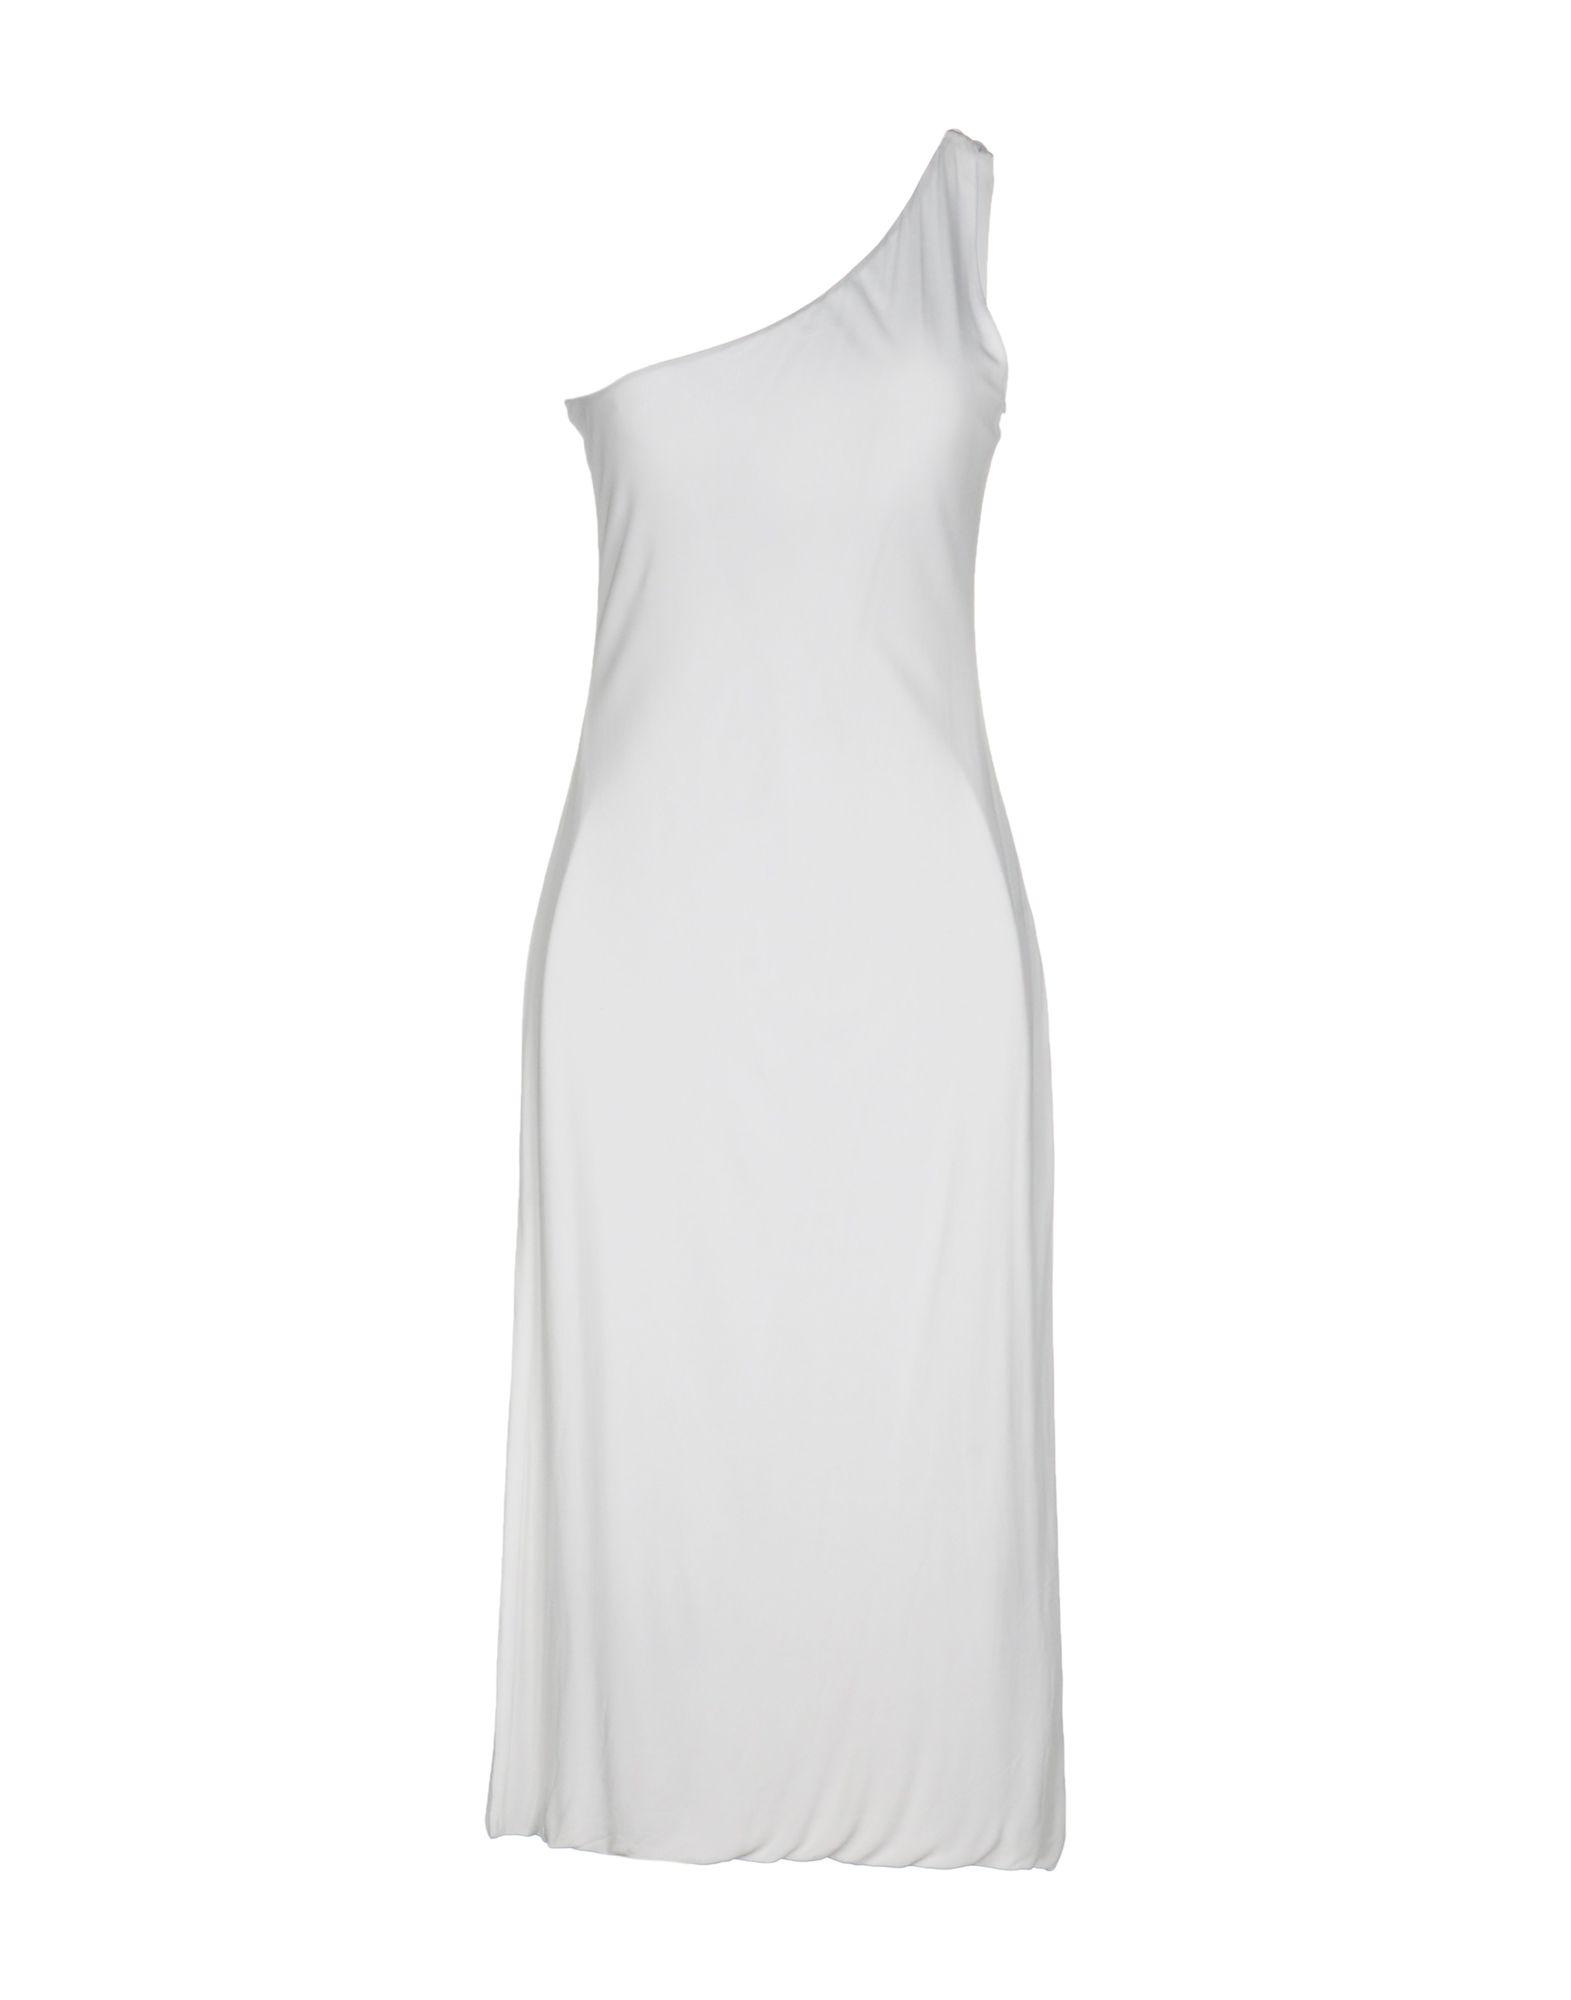 RALPH LAUREN BLACK LABEL Платье до колена lauren ralph lauren new black cap sleevesheath dress msrp $134